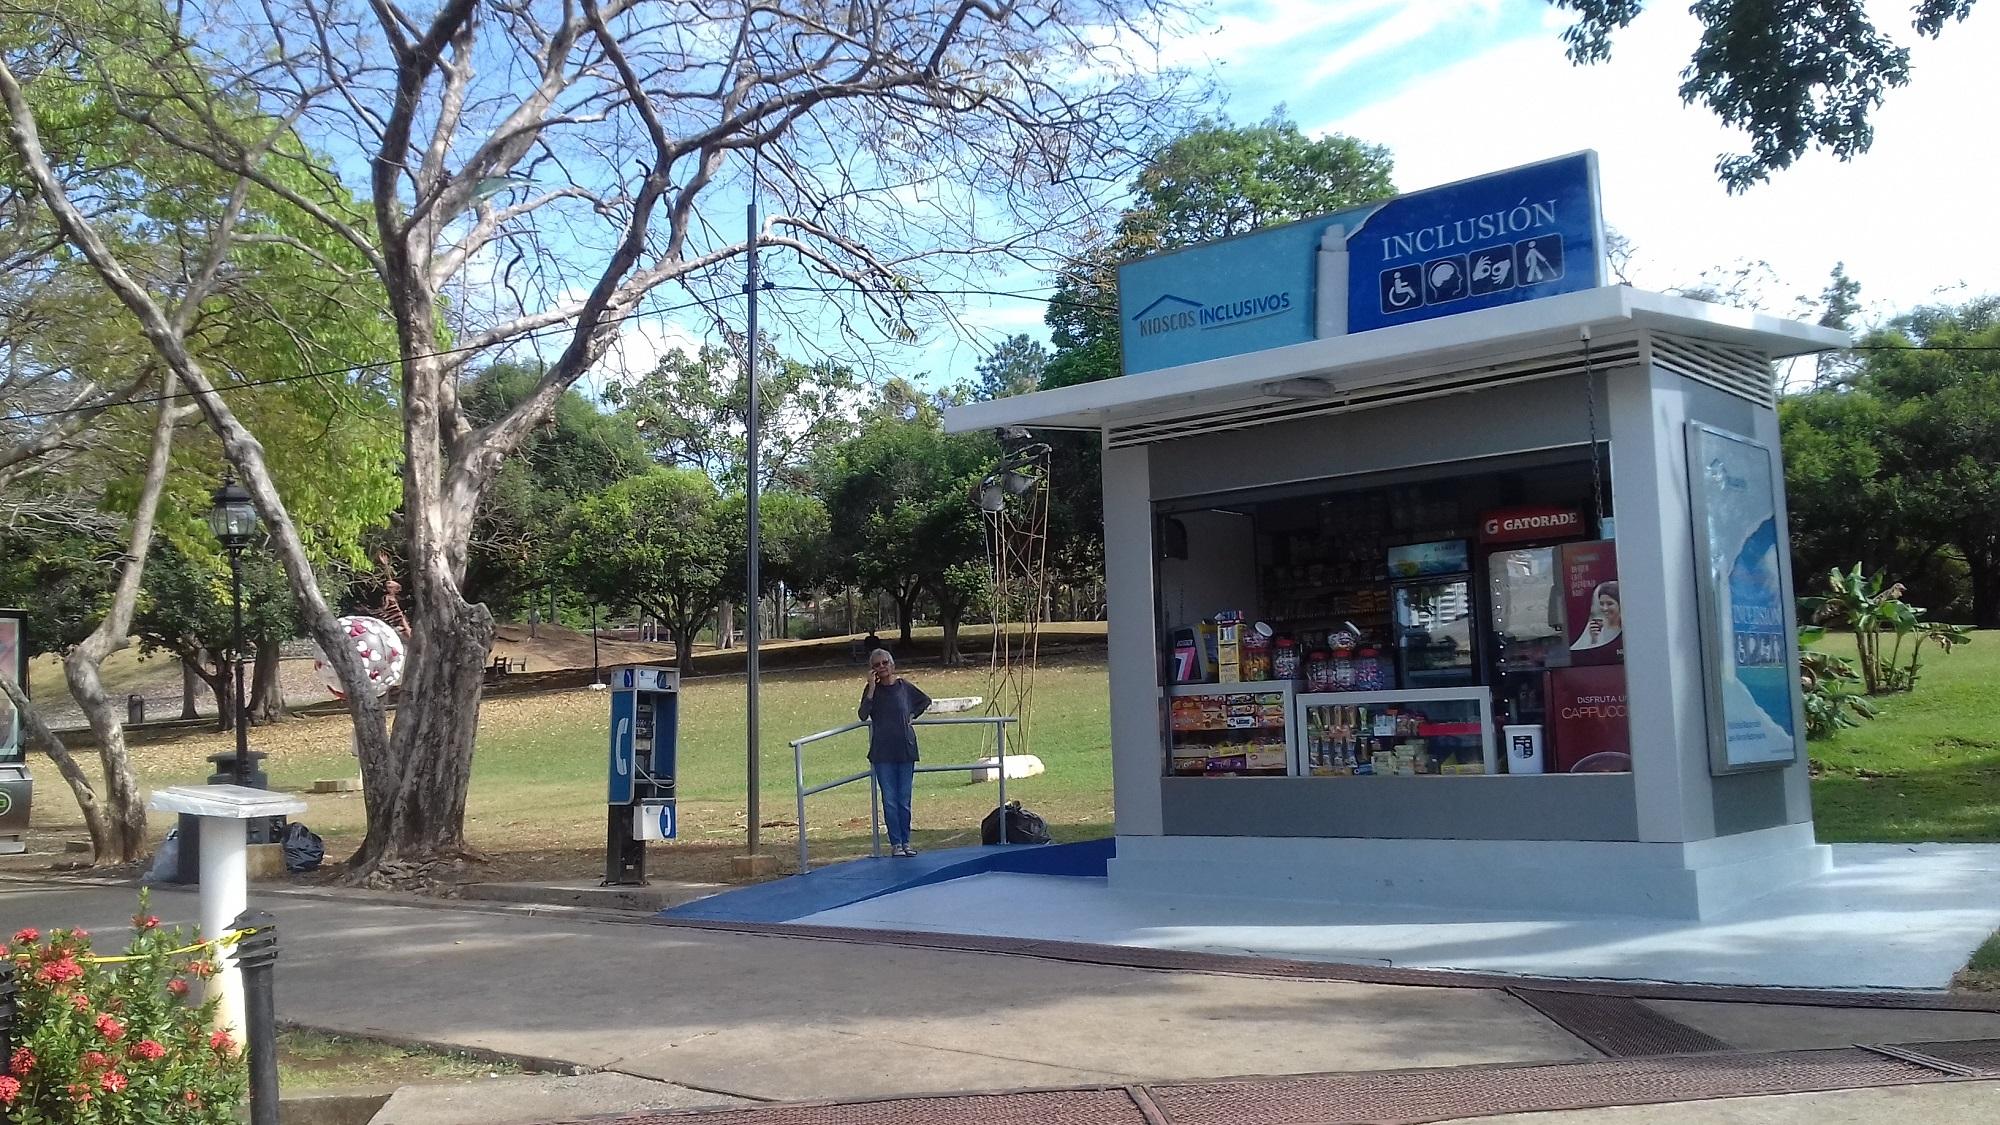 Kiosco de Inclusión del Parque Omar, dispuesto desde finales del 2016, dispone de todo tipo de refrigerios a los visitantes.